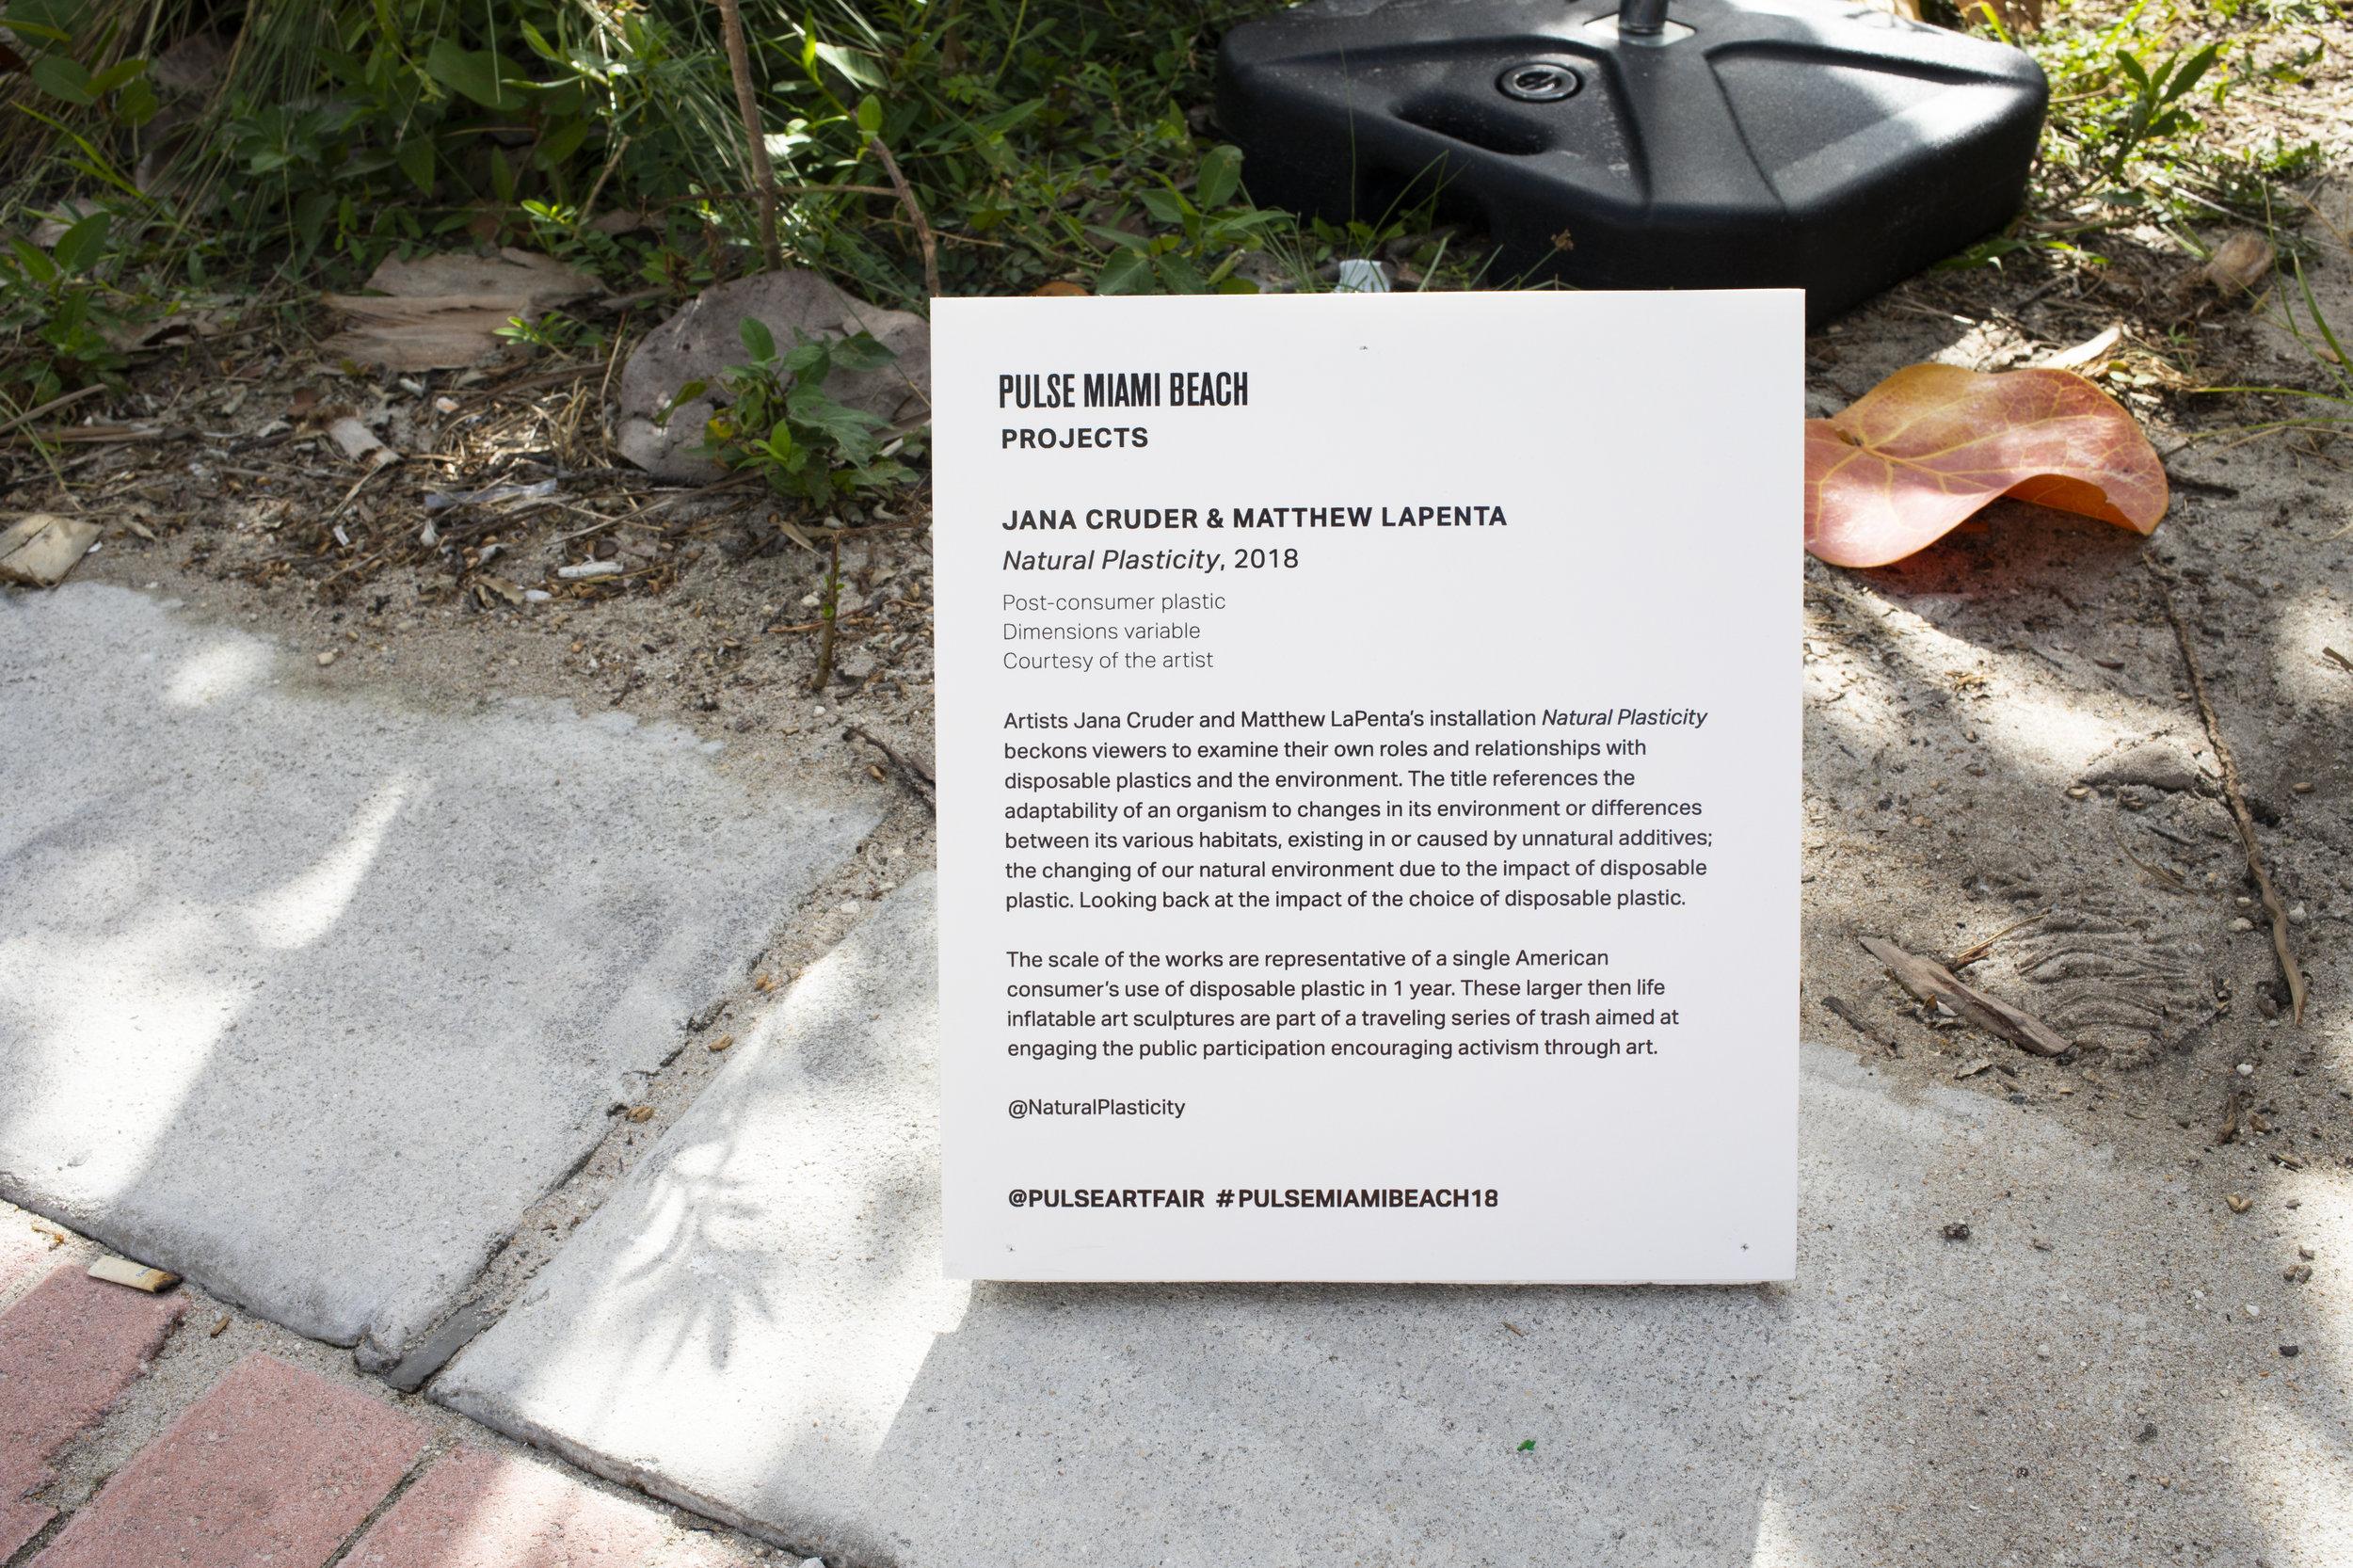 Cruder_LaPenta_Natural_Plasticity_Miami-6221.jpg